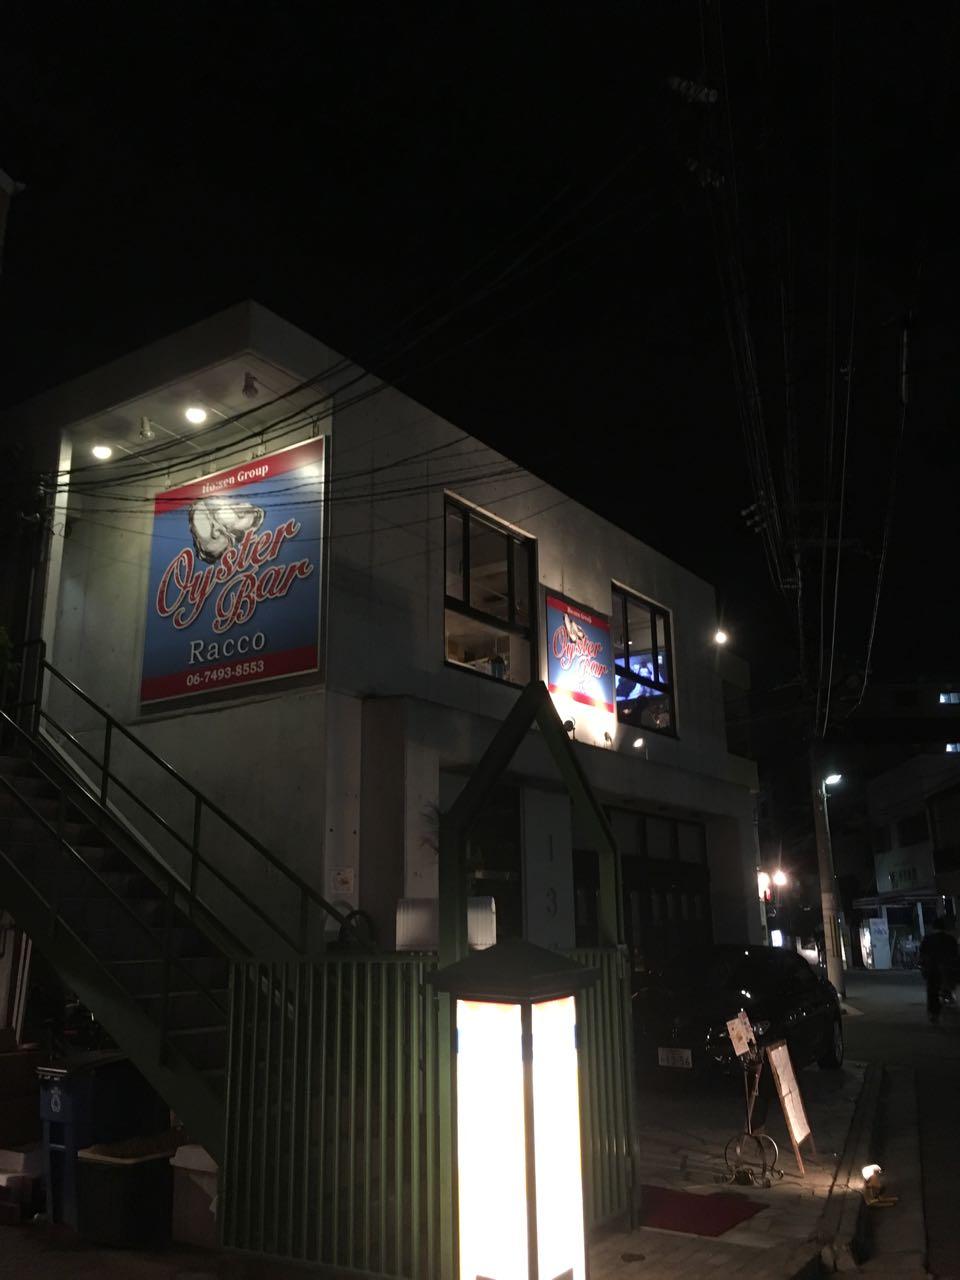 豊中駅前で牡蠣食べ放題!Oyster bar Racco(オイスターバーラッコ)